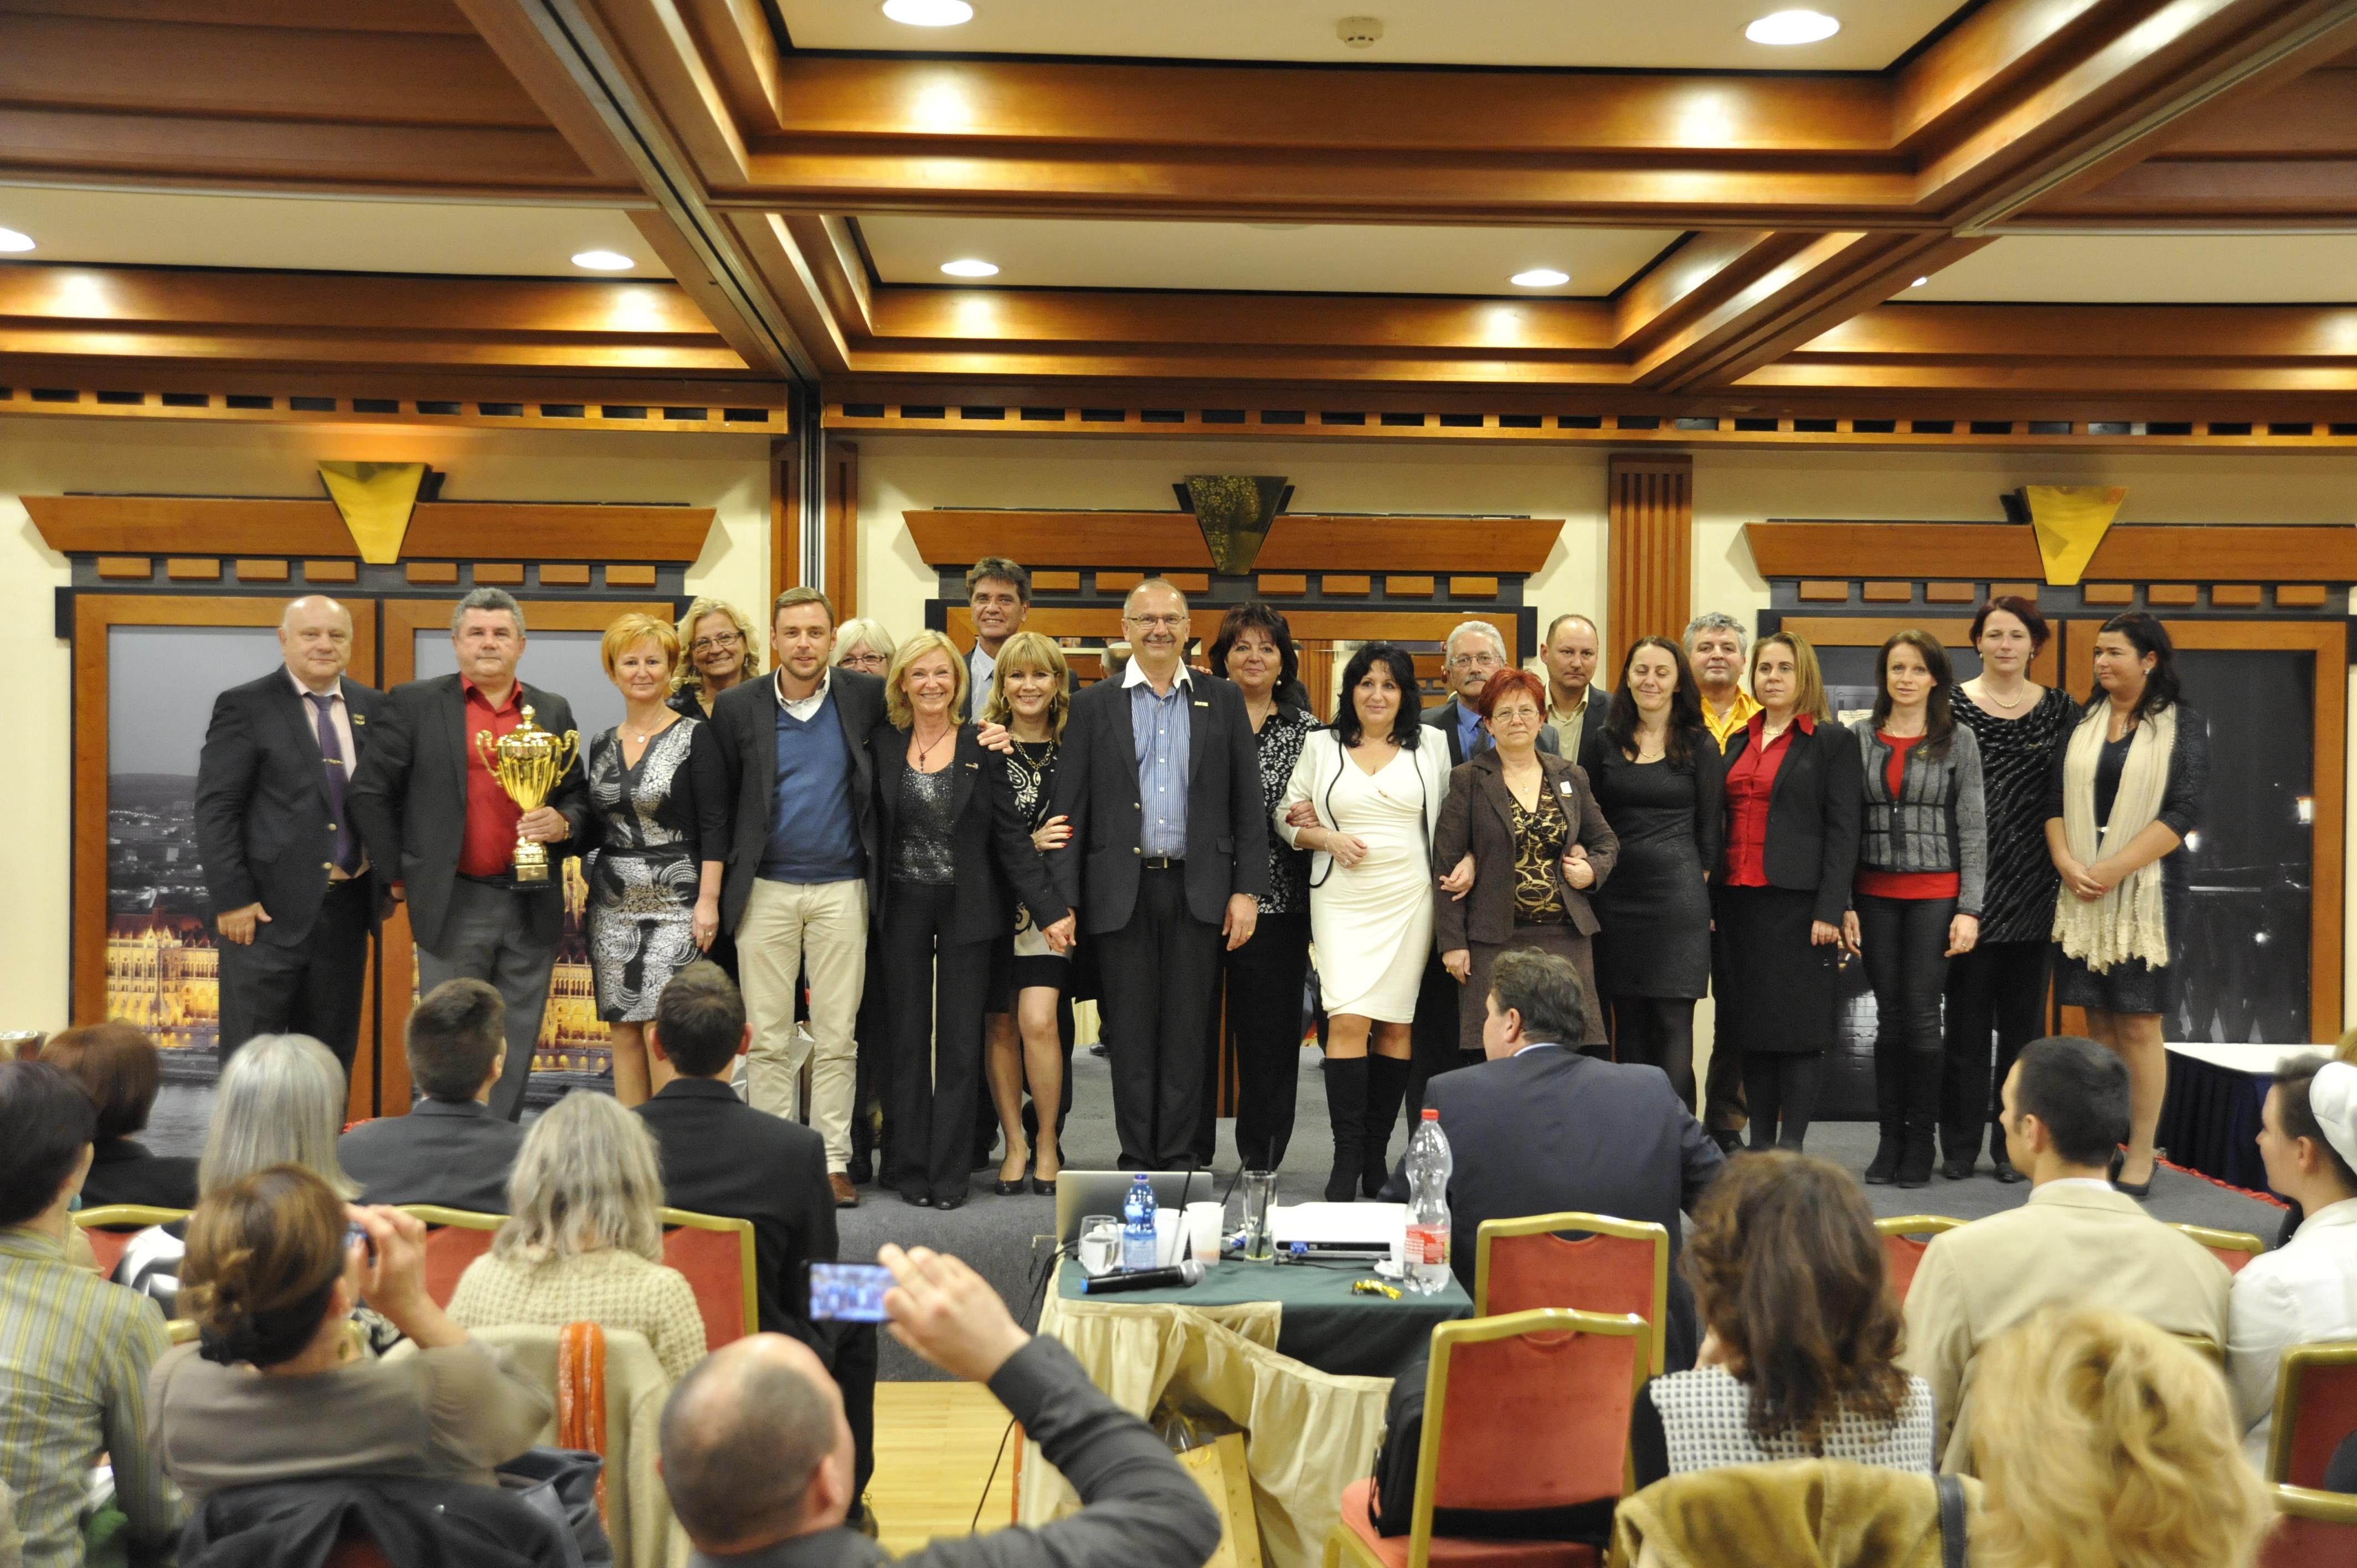 A Czentlaki-ág gerincét alkotó vezetők a 2015-ös évzárón